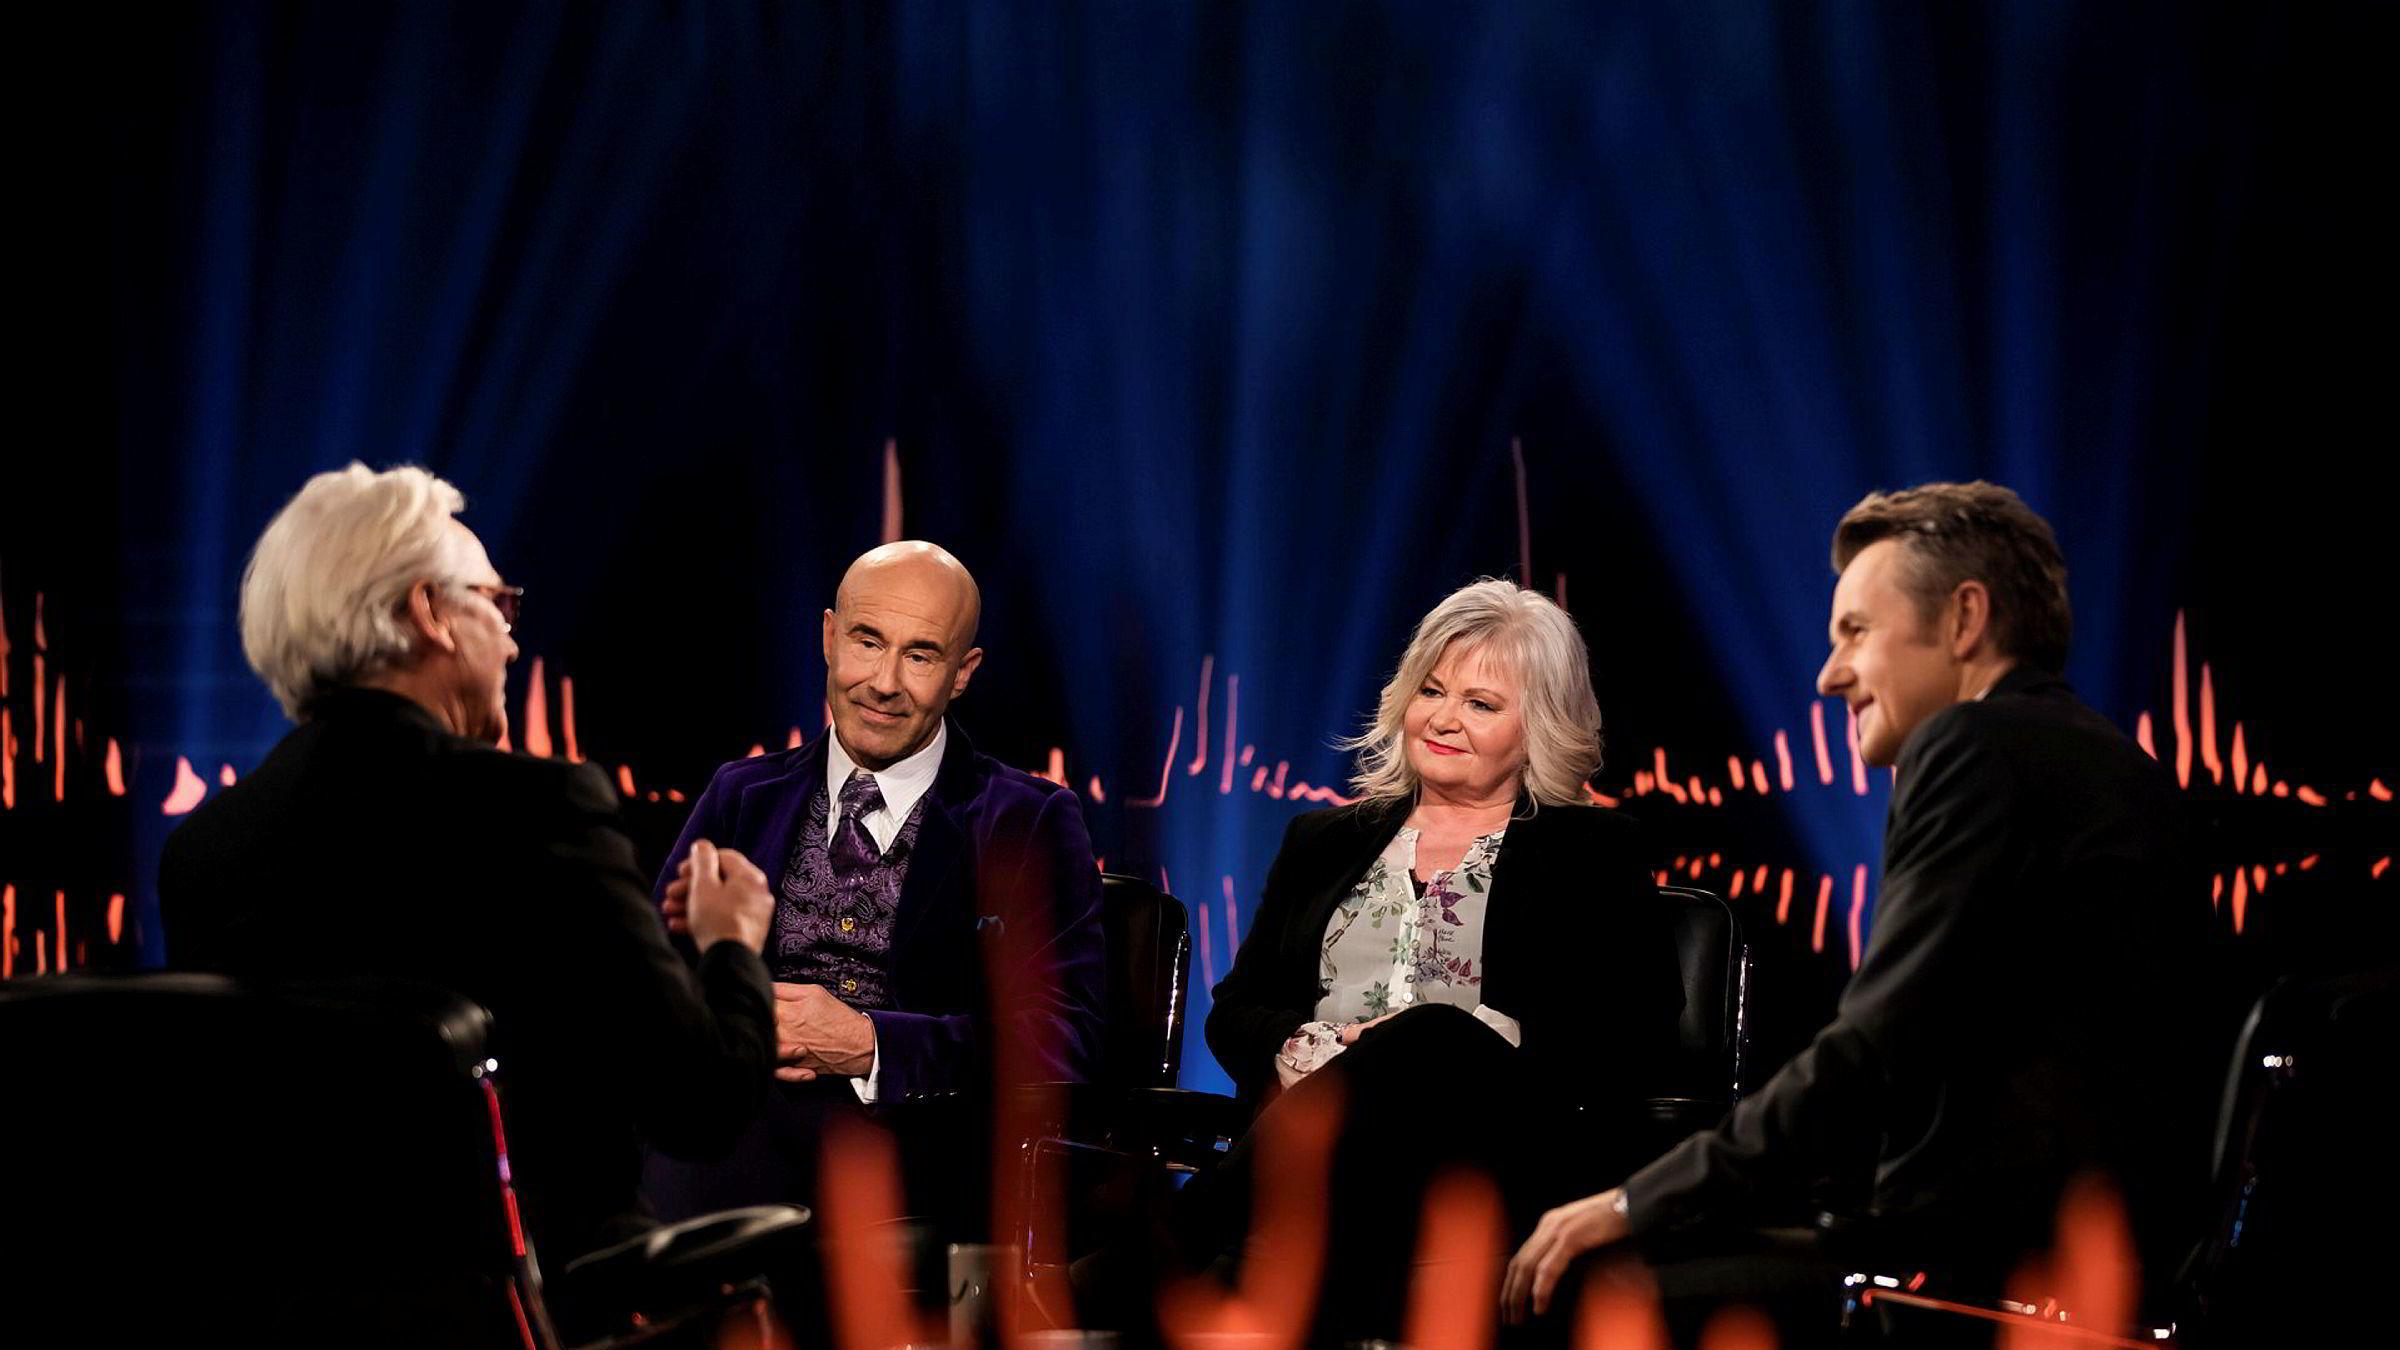 Lørdag var Marianne Behn og Olav Bjørshol, foreldrene til den nylig avdøde Ari Behn, gjester hos Skavlan. Det ga ny seerrekord for programmet.